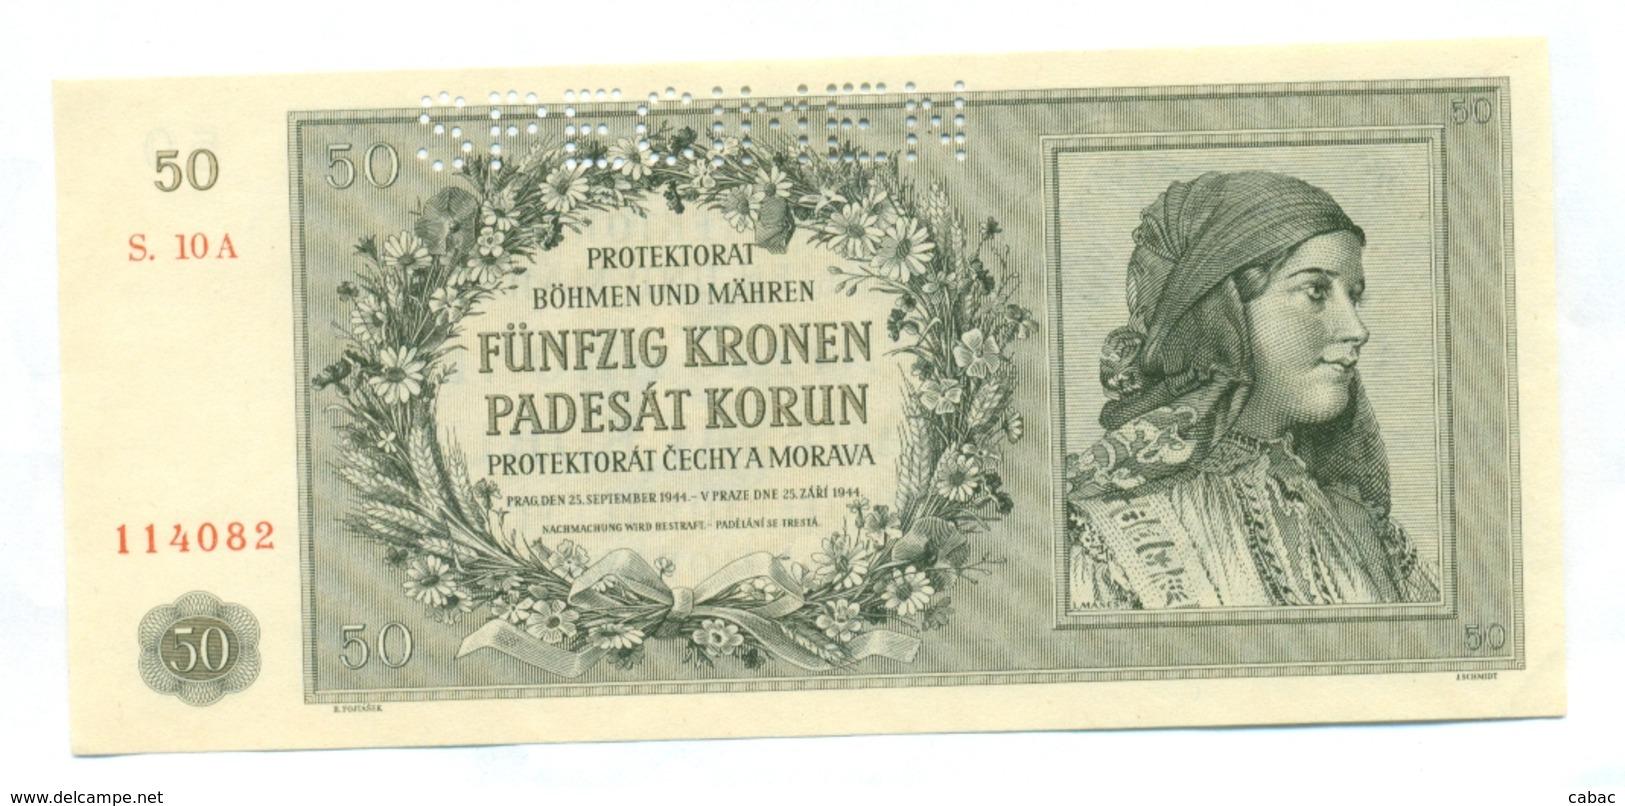 Čechya Morava, Padesat Korun, 50 Korun, Funfzig Kronen, PROTEKTORAT, 1944, SPECIMEN, S. 10A, Bohemia Moravia - Tchécoslovaquie